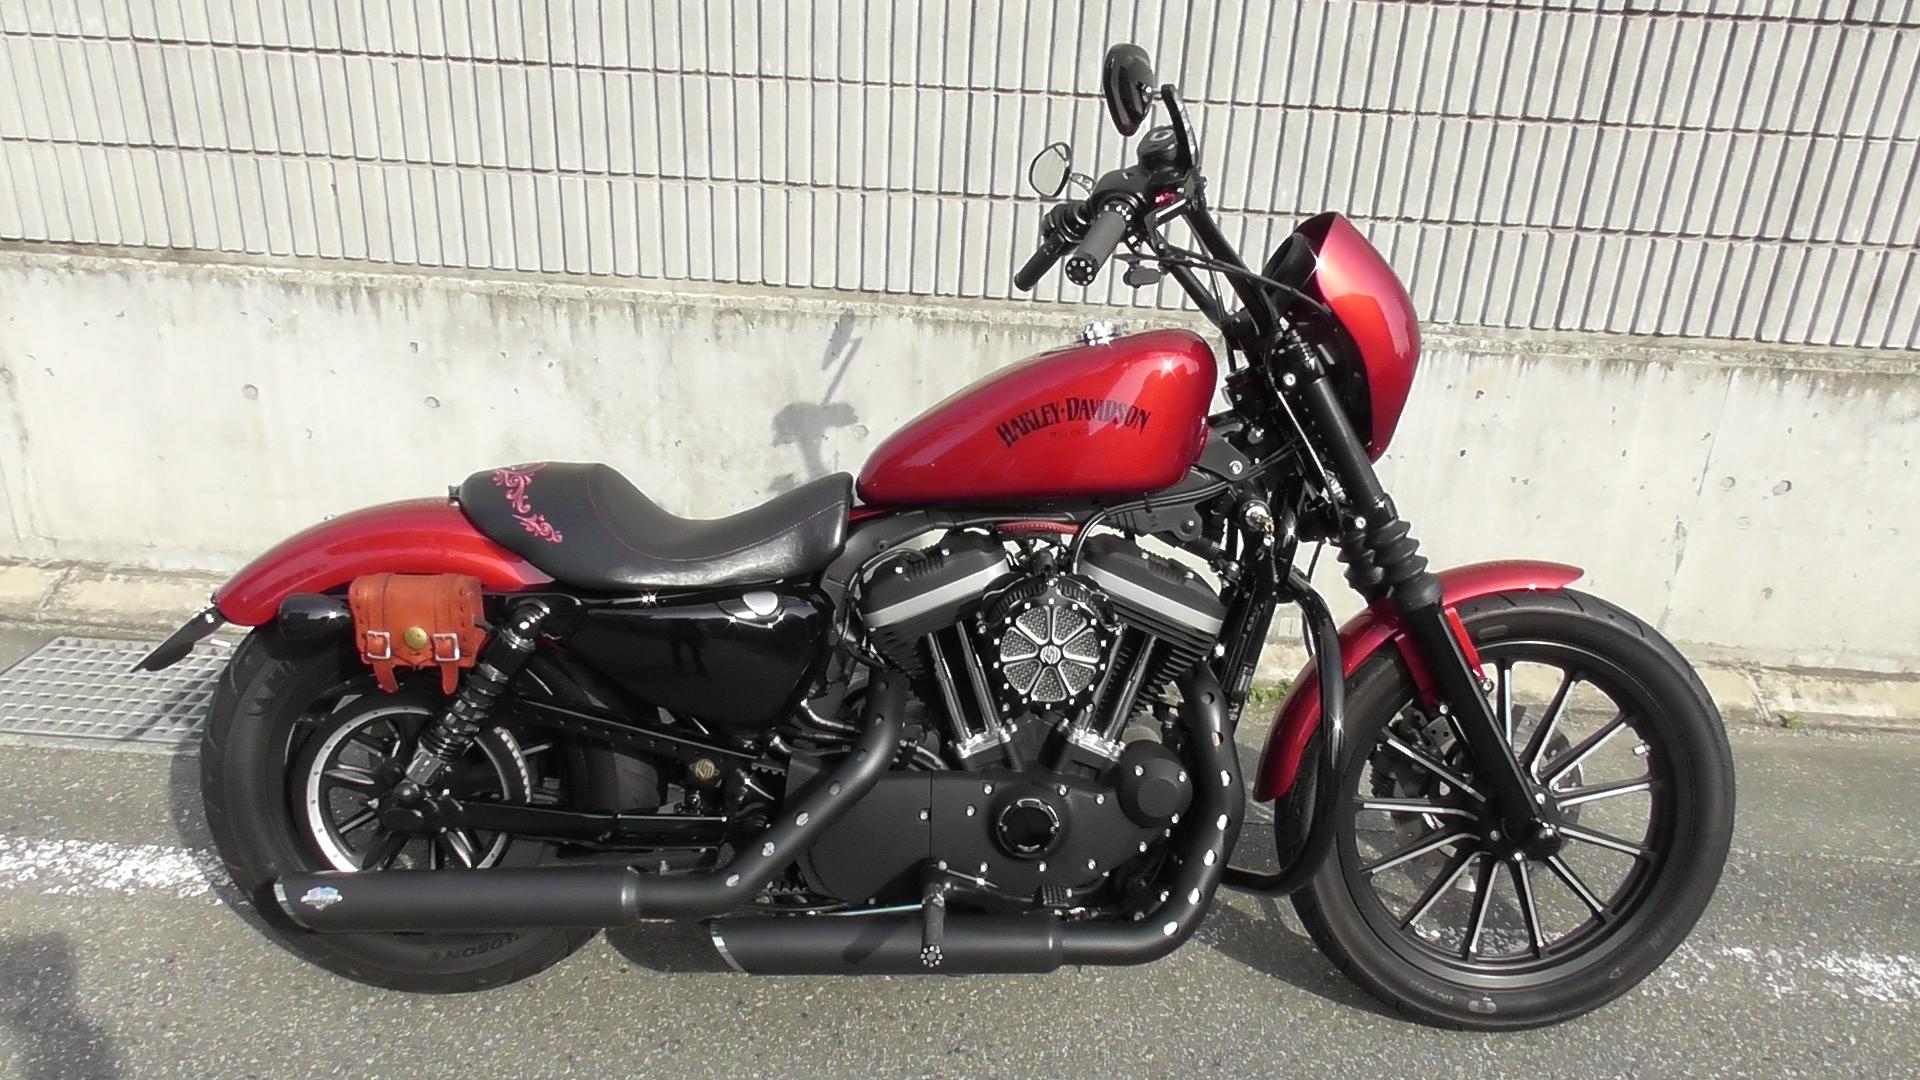 2012/XL883N iron